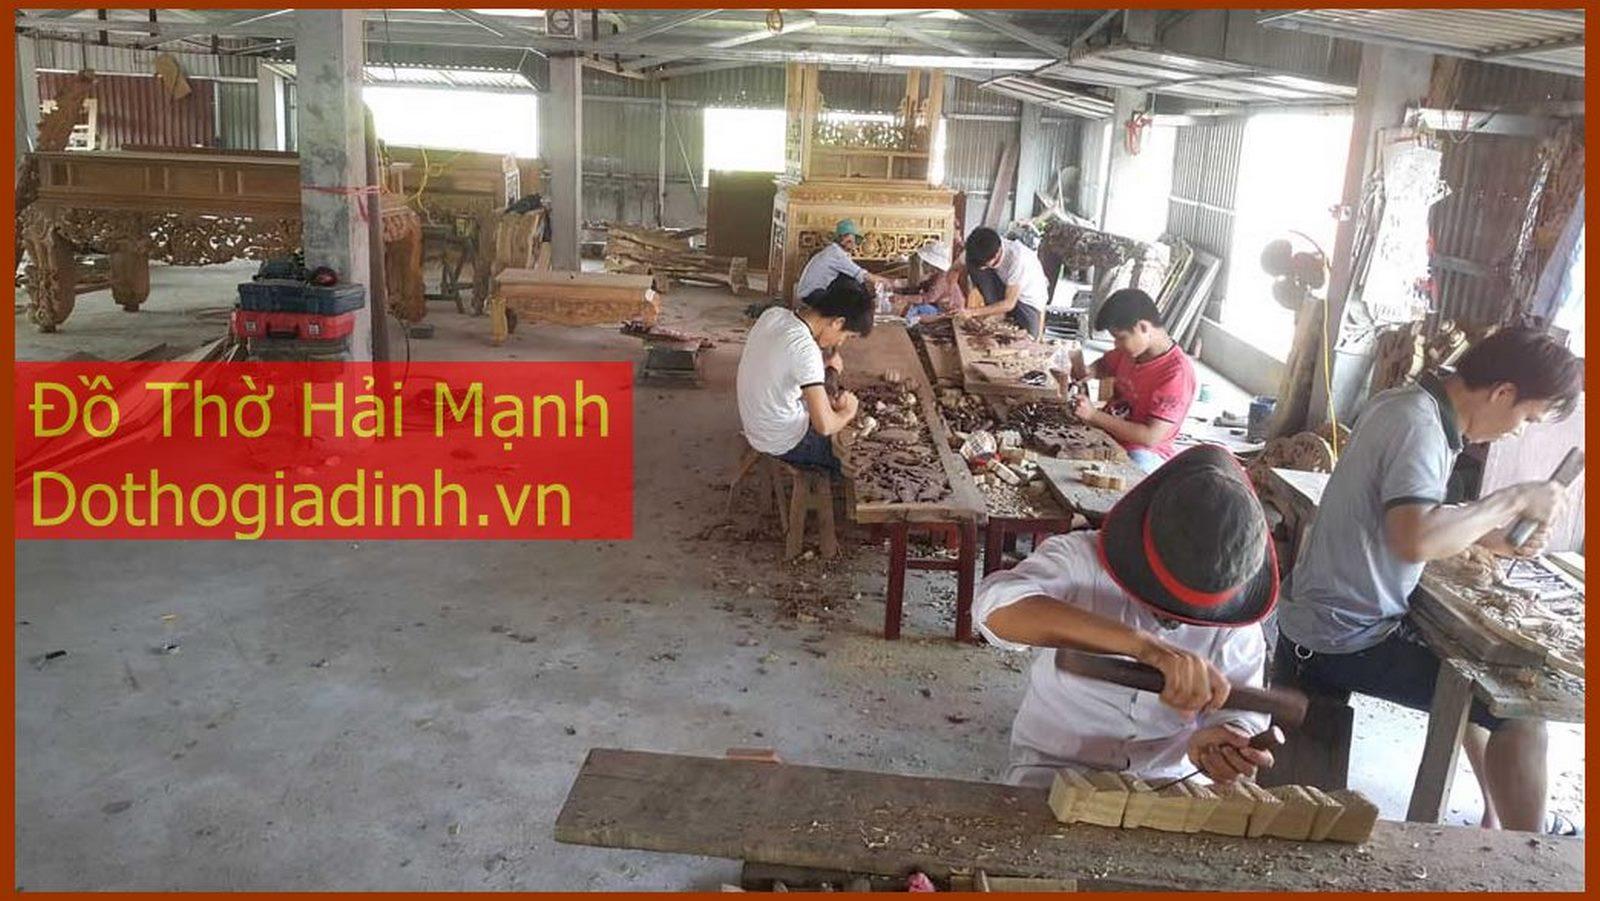 Đồ Thờ Hải Mạnh - Chuyên sản xuất bàn thờ, tủ thờ và các loại đồ thờ cúng truyền thống và hiện đại